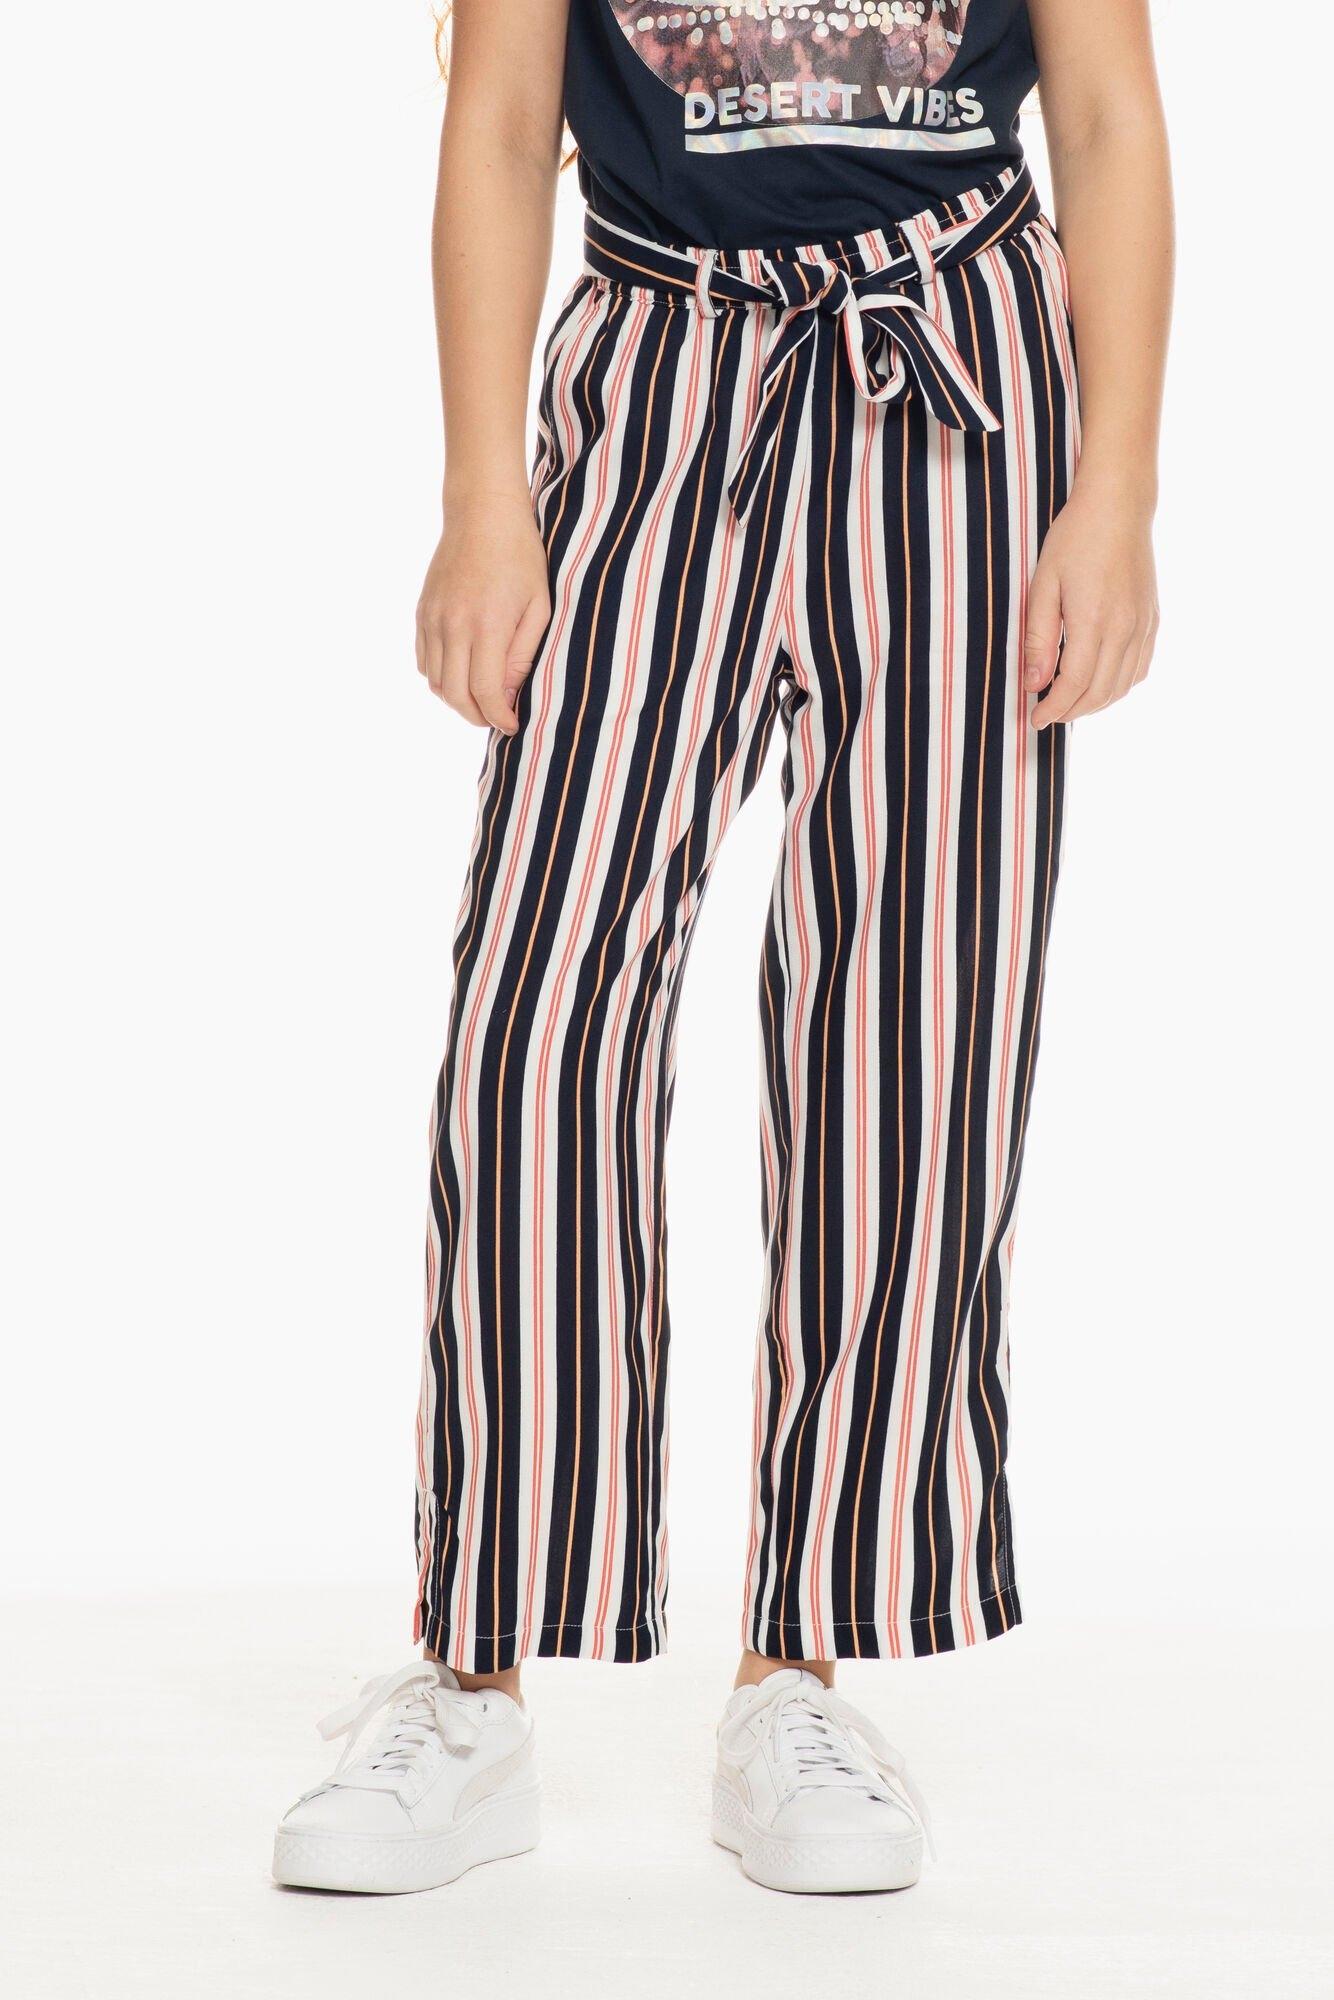 Op zoek naar een Garcia broek? Koop online bij OTTO